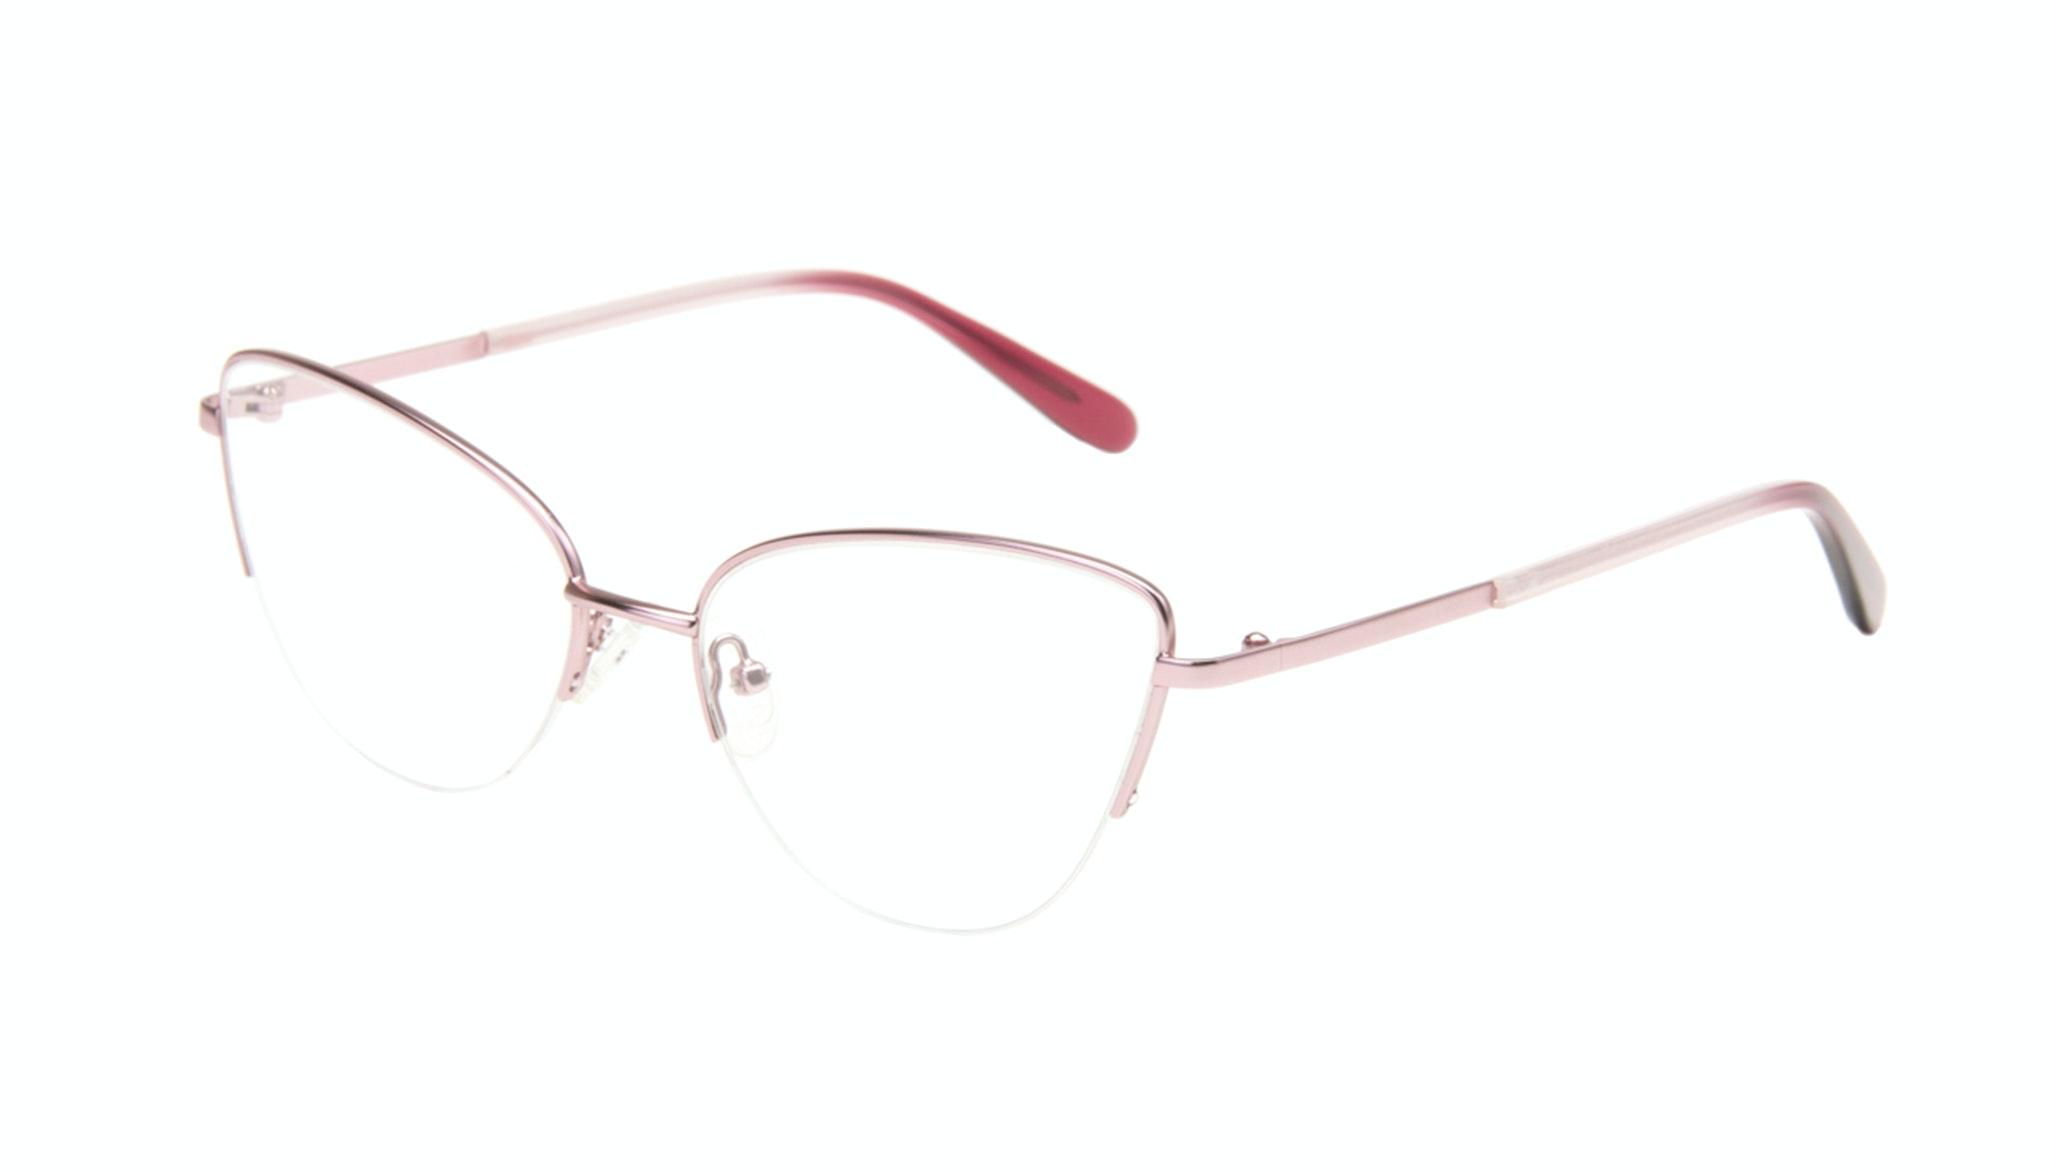 Affordable Fashion Glasses Cat Eye Eyeglasses Women Airy  Rose Marble Tilt